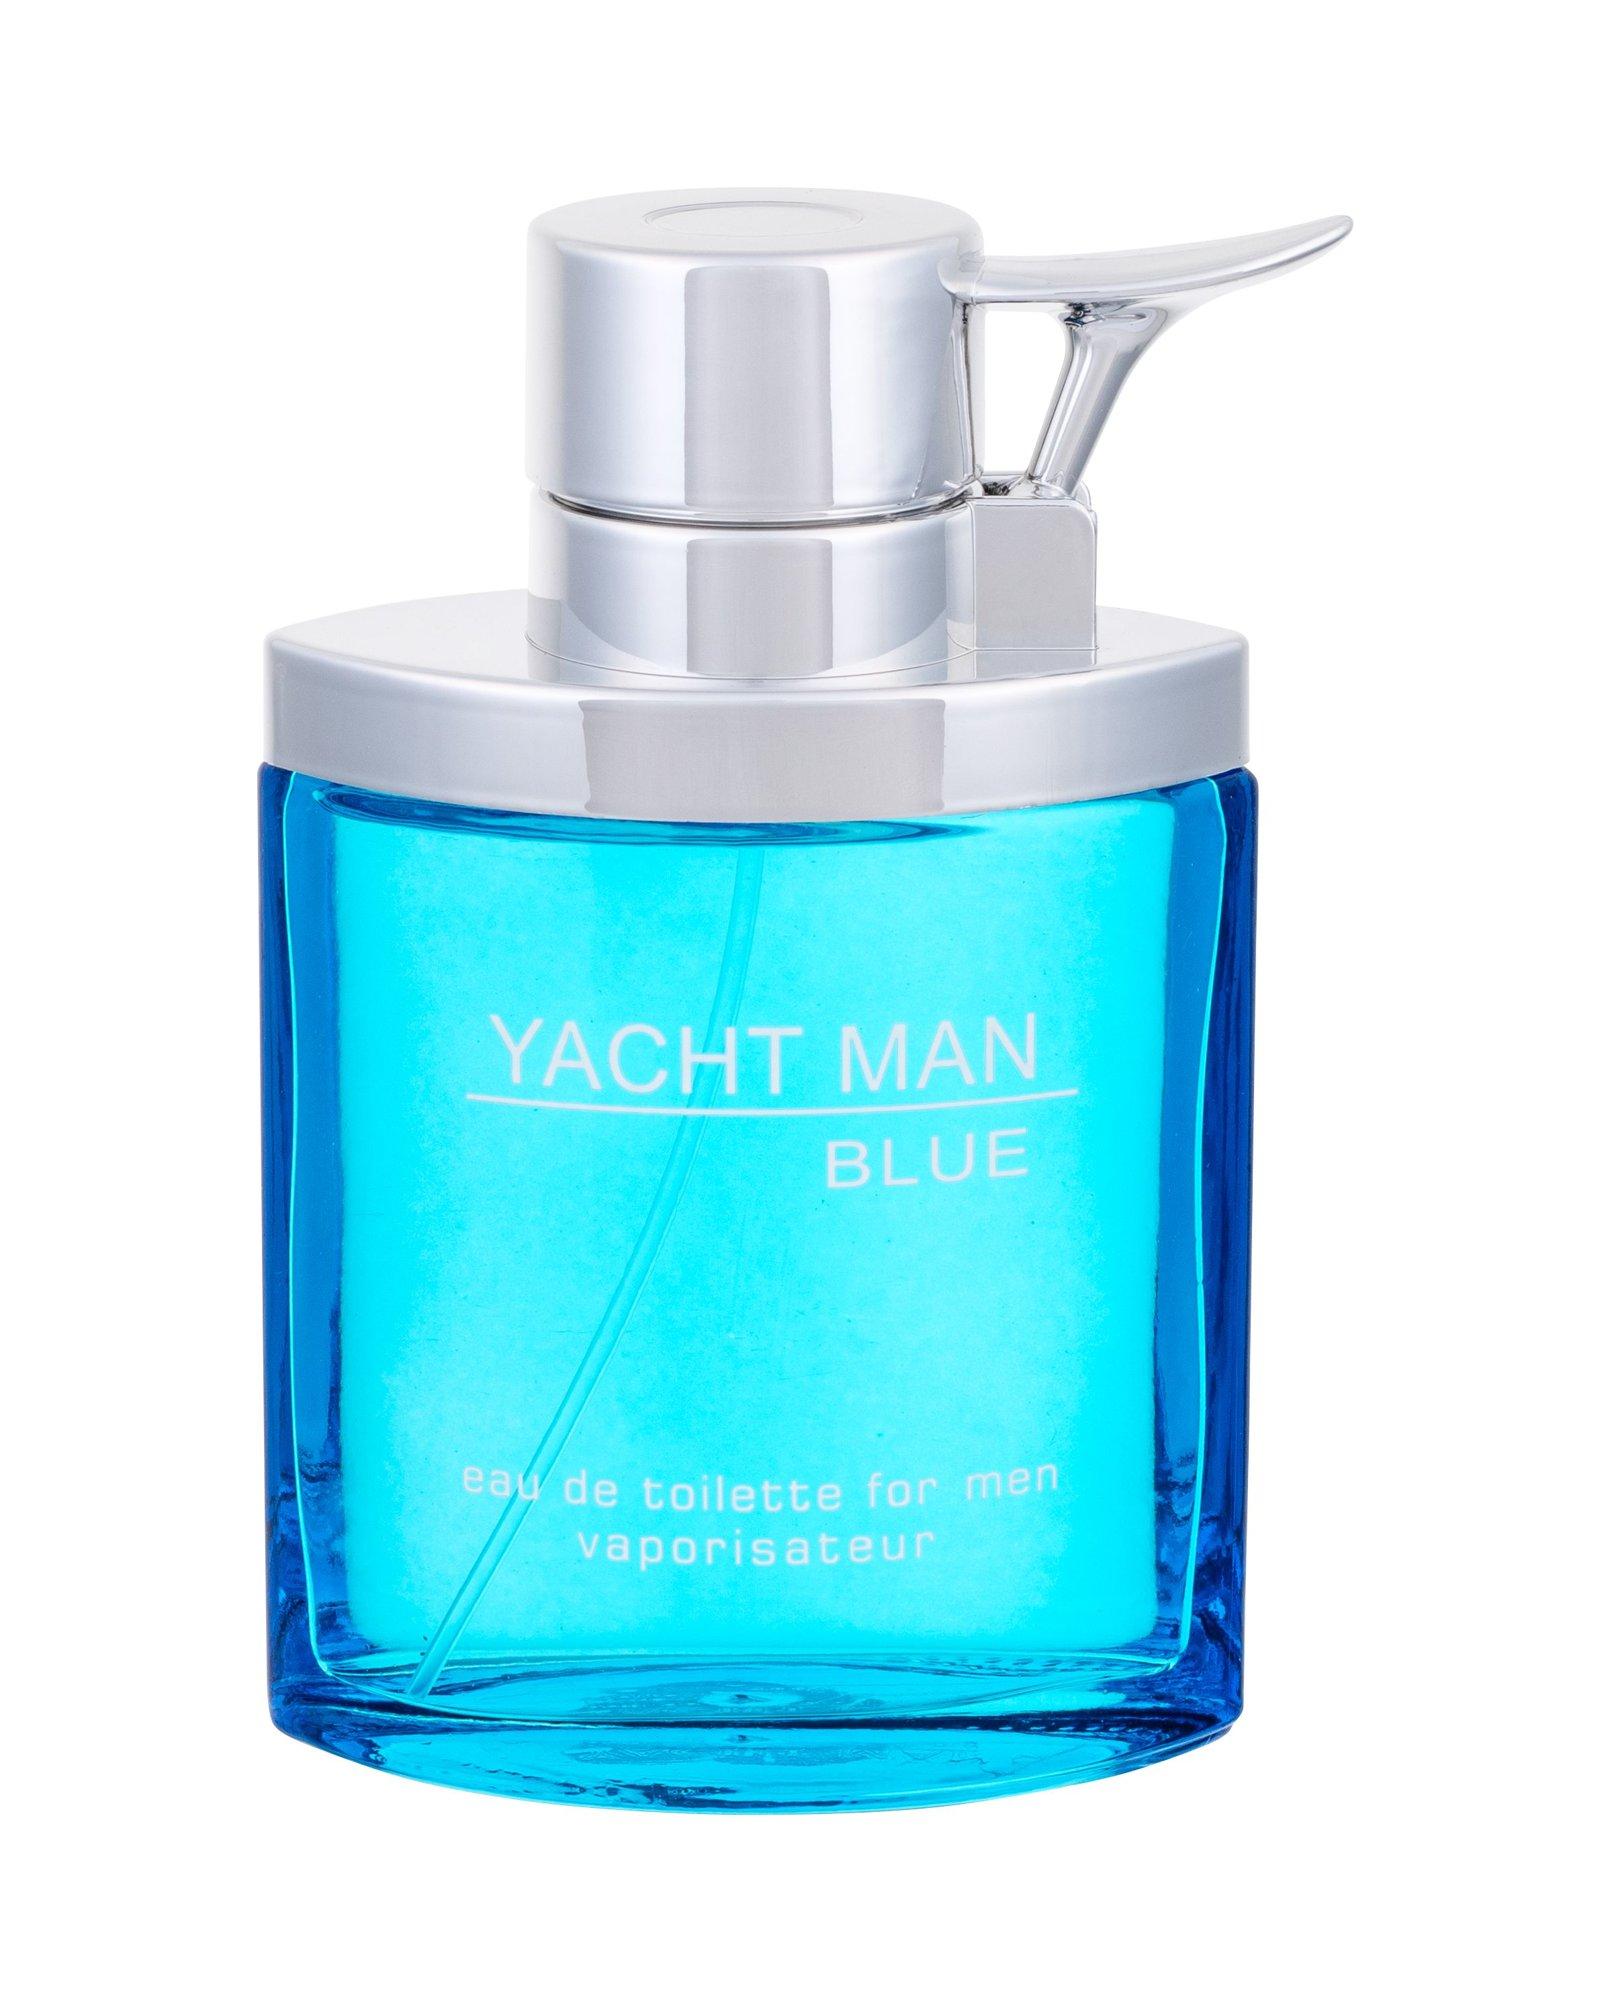 Myrurgia Yacht Man Eau de Toilette 100ml  Blue